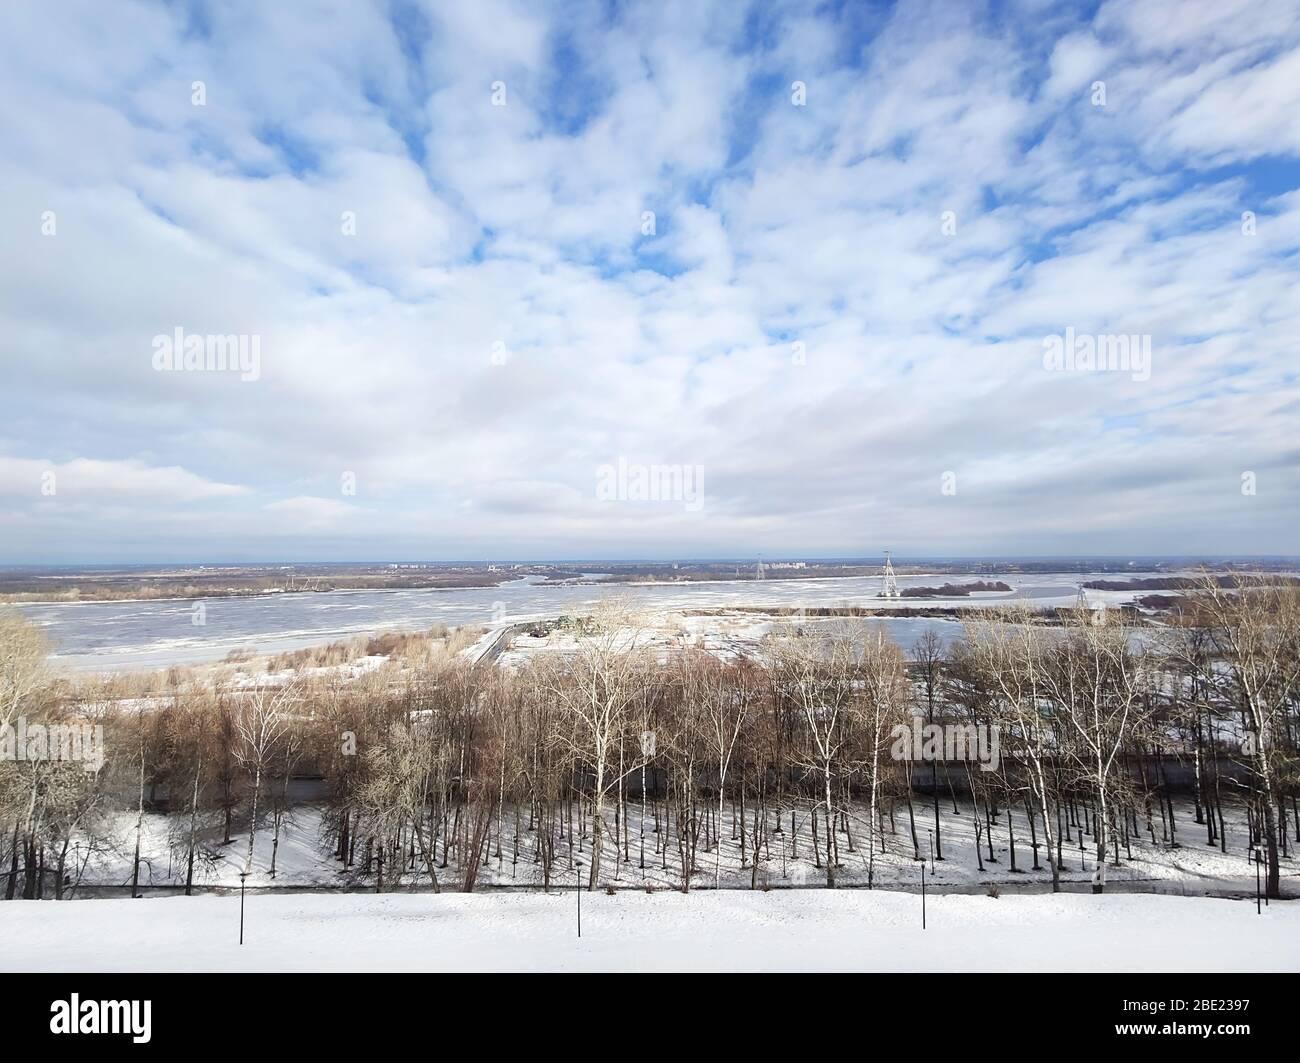 Schöne Flusslandschaft im frühen Frühling. Weiße Wolken über dem Fluss und Bäume an einem sonnigen Tag nach dem Schneeschmelzen. Stockfoto